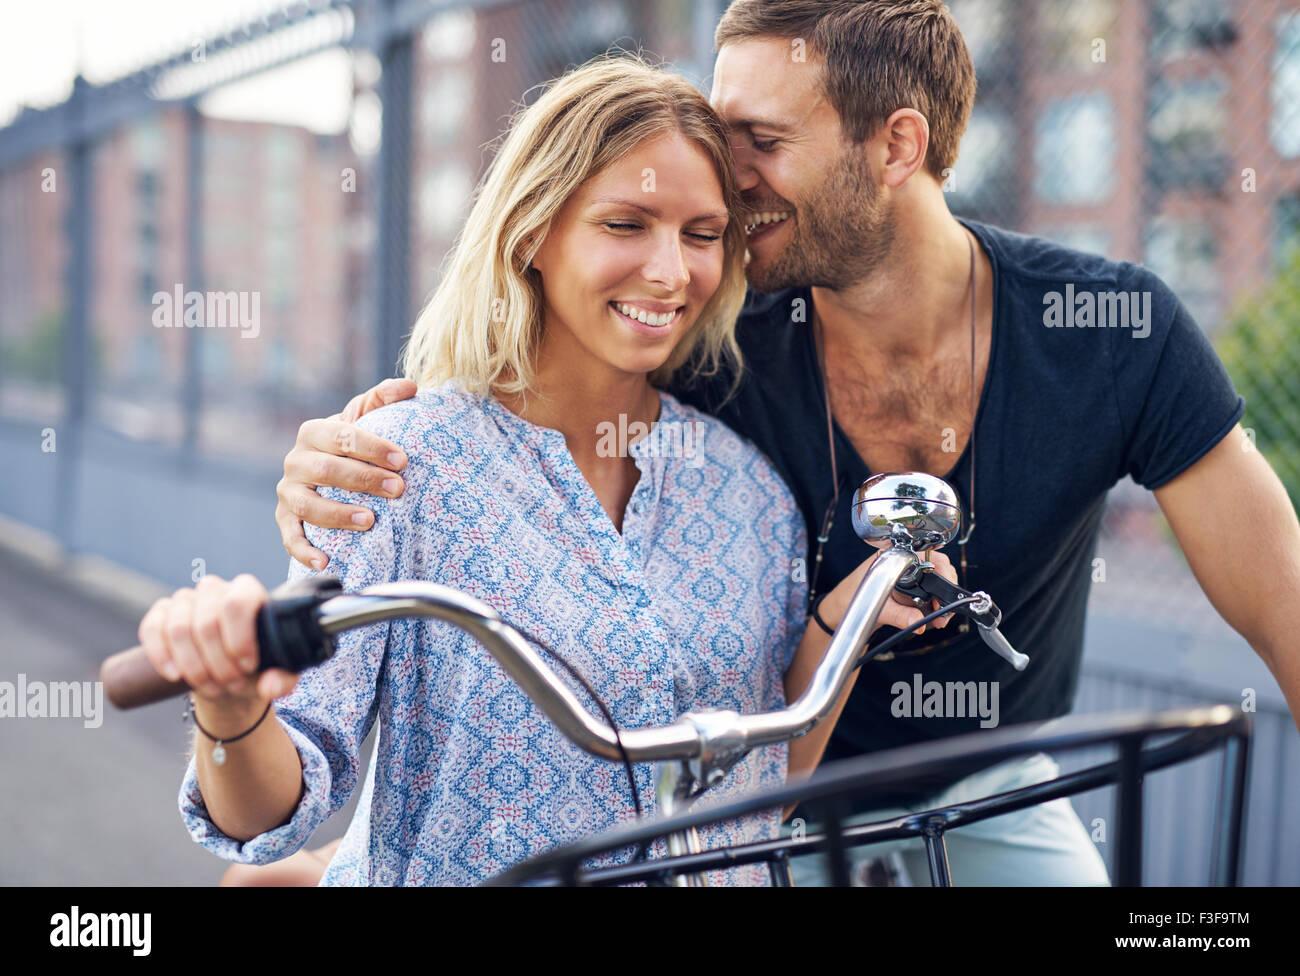 Ciudad par amarse aunque fuera andando en bicicleta Imagen De Stock